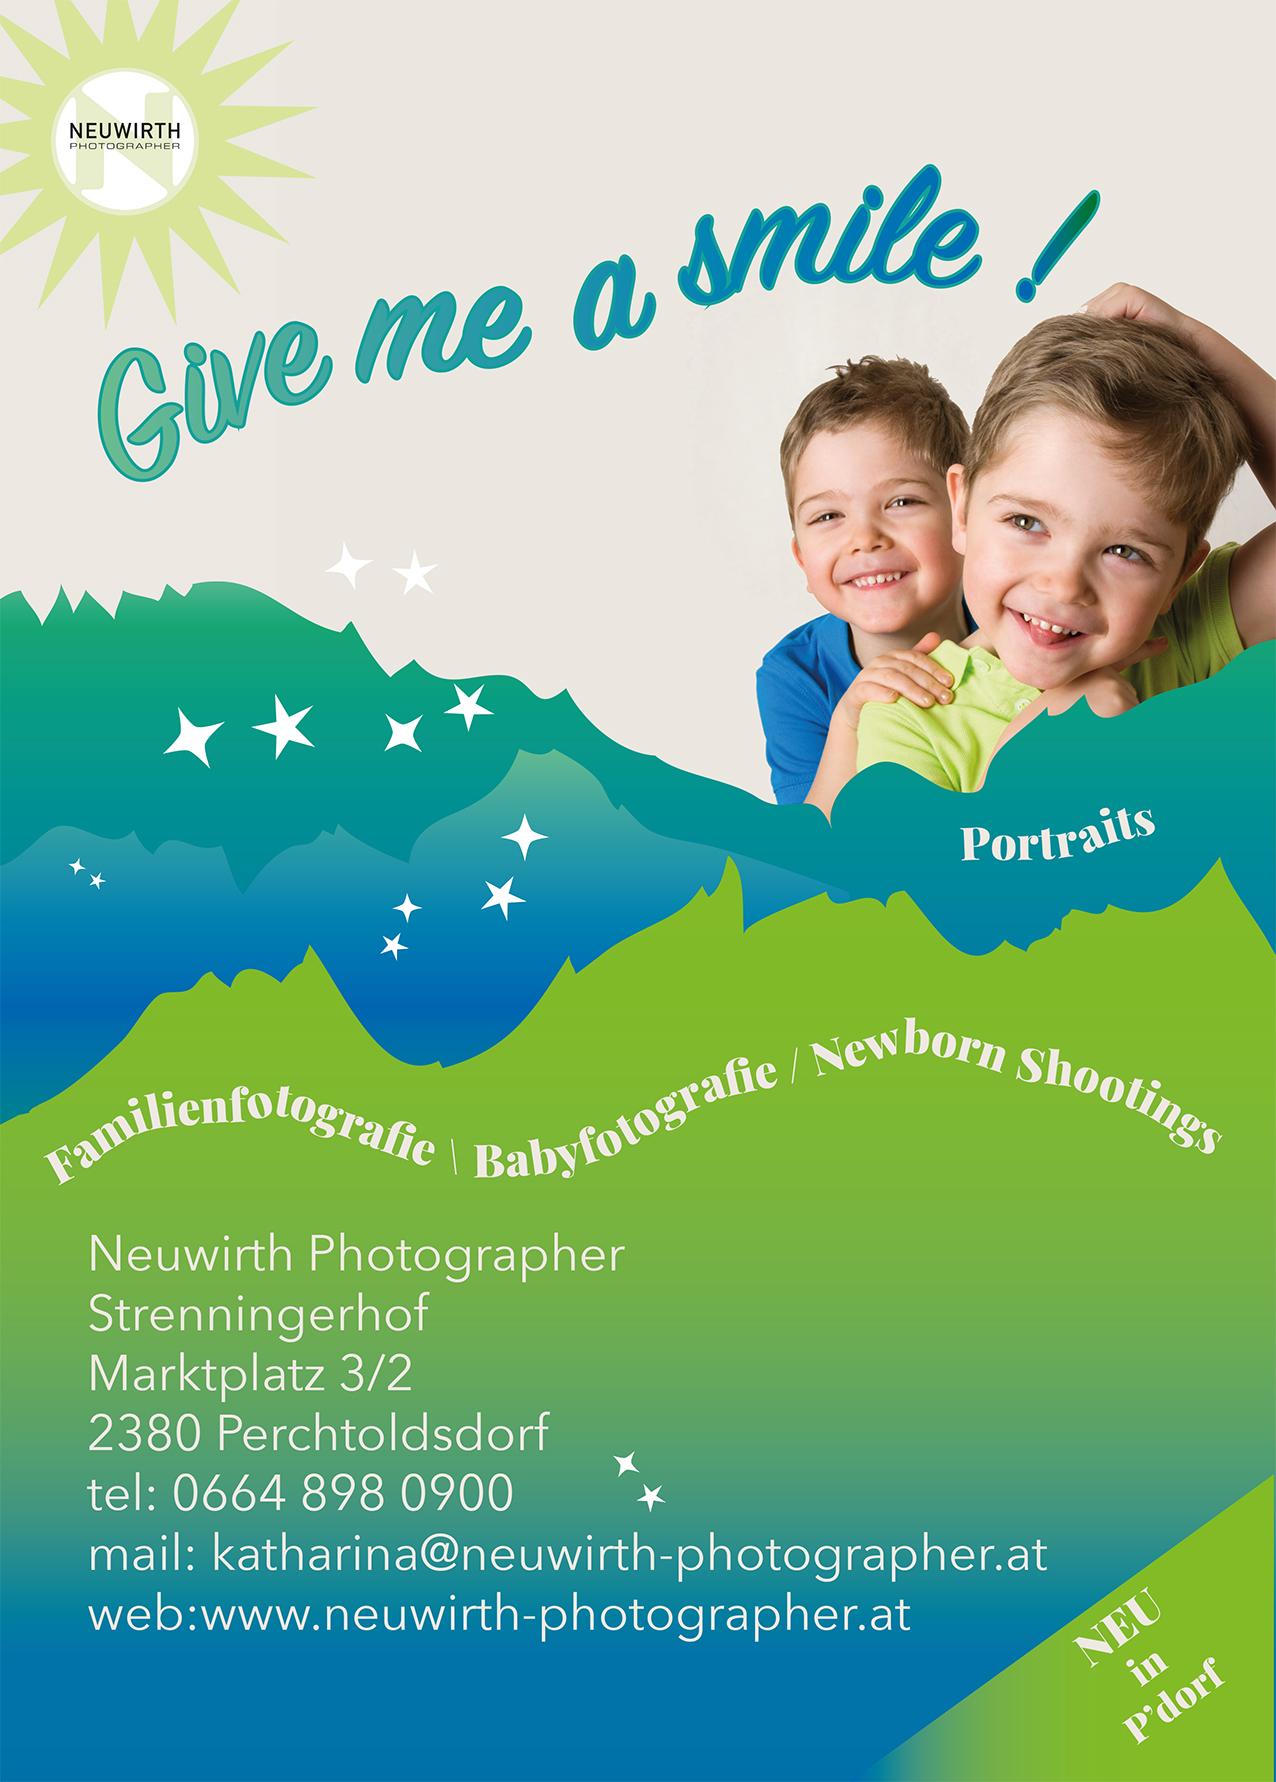 lachende Kinder; Busposter ; Werbung für FamilienfotografieNeuwirth;